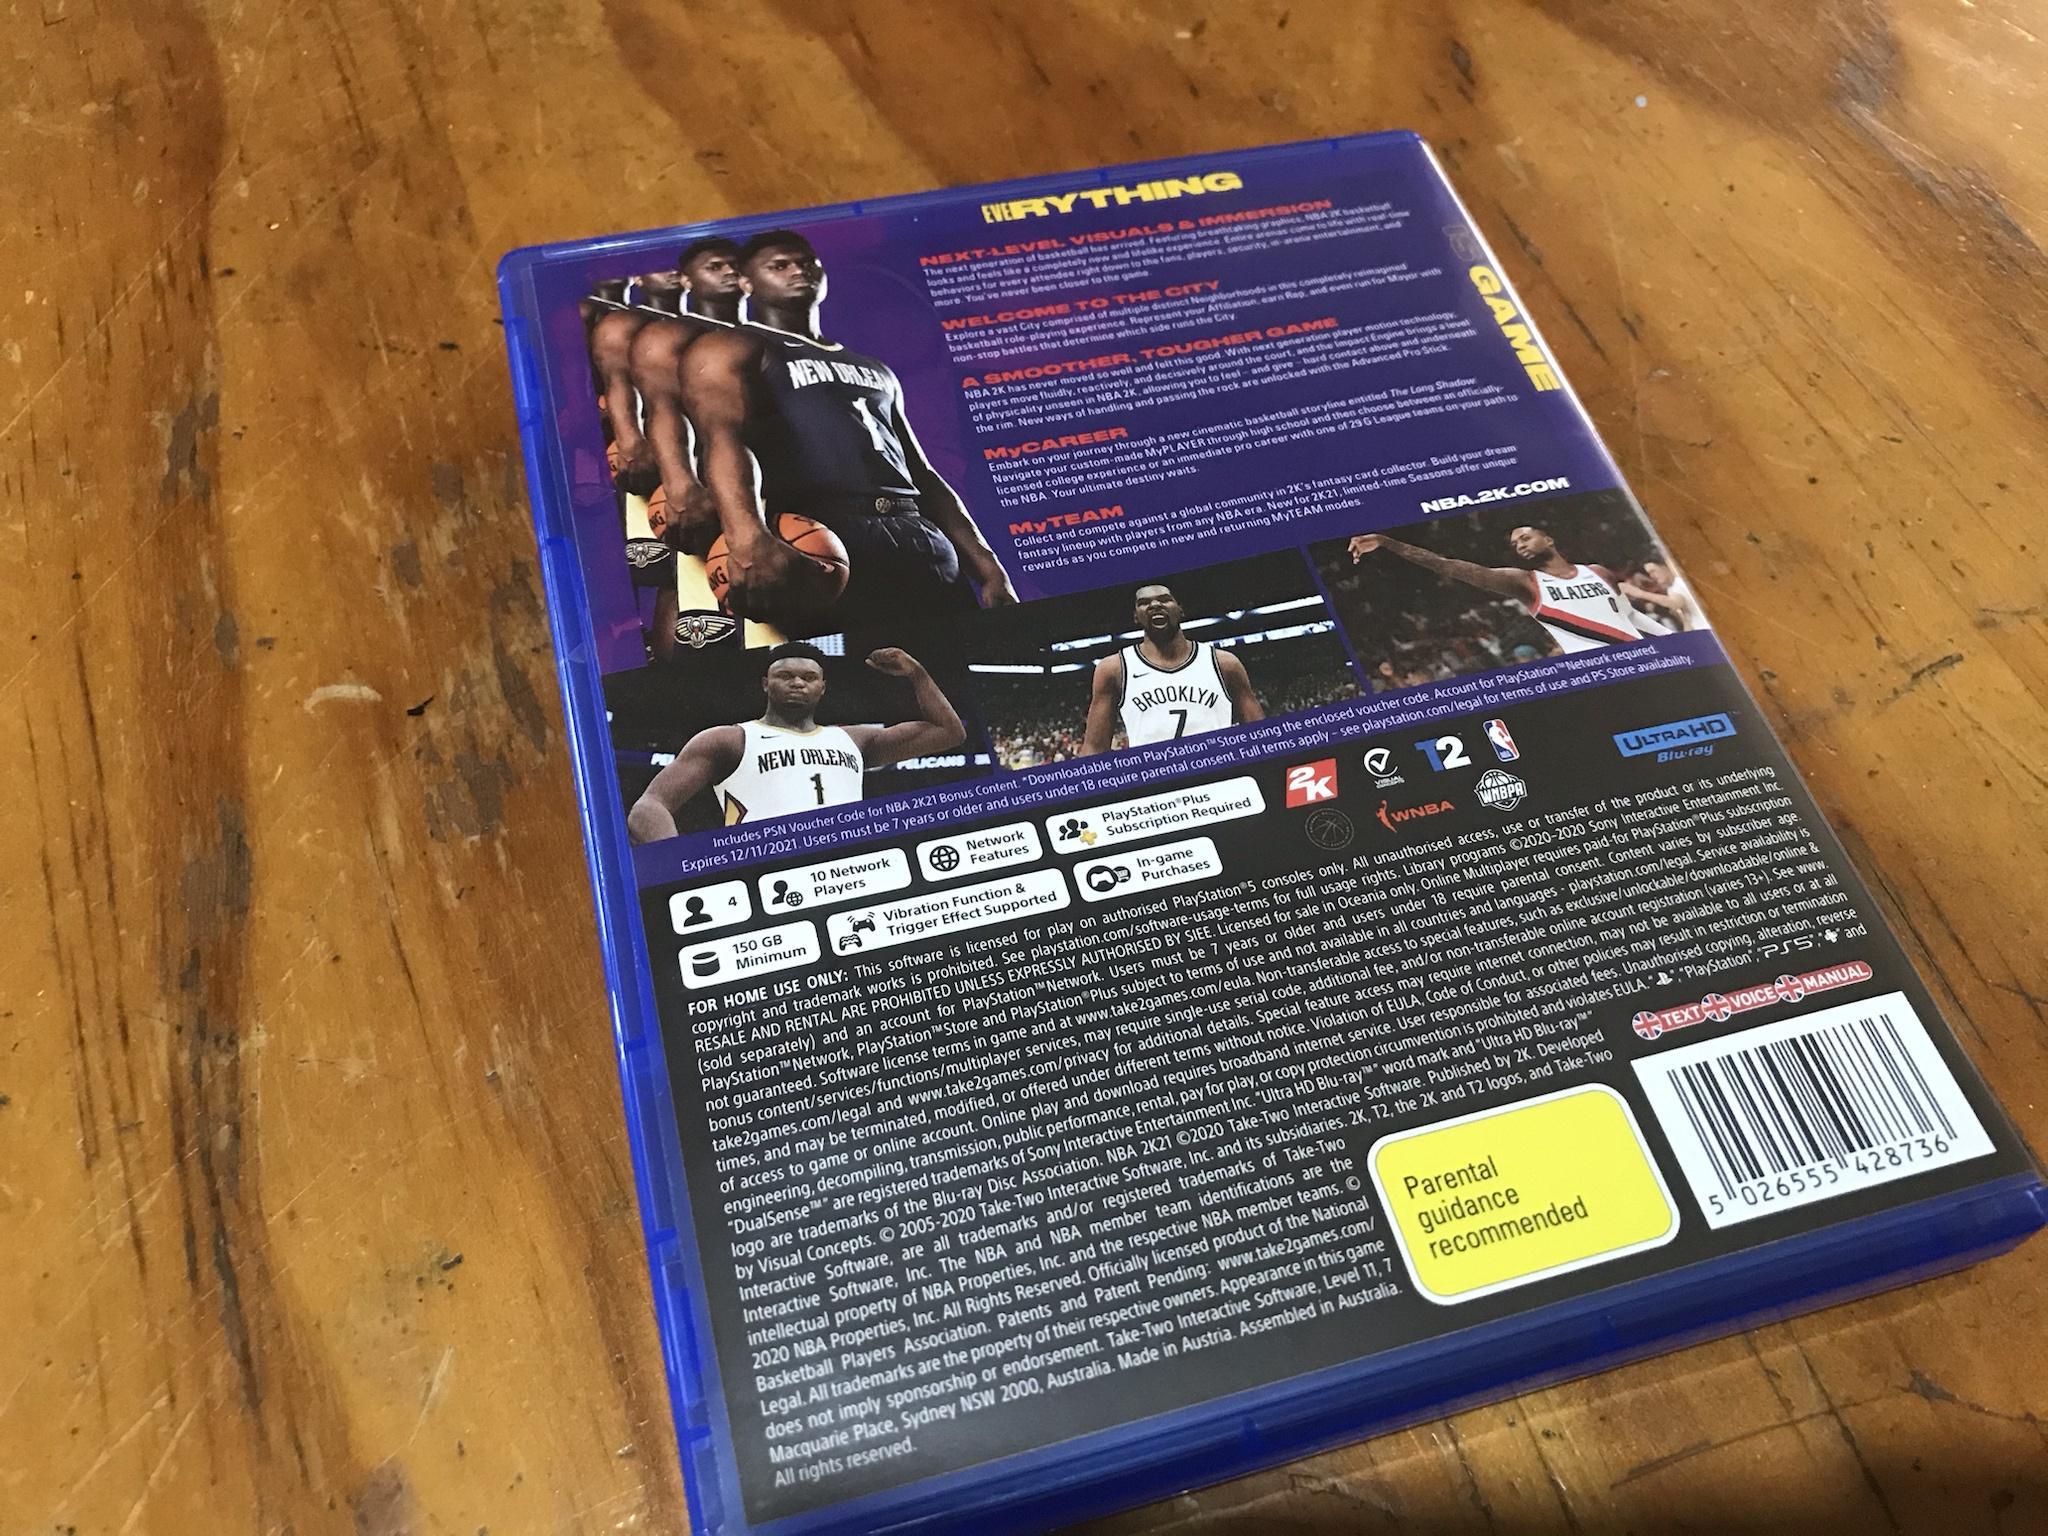 Новое поколение требует жертв: NBA 2K21 займет много места на внутреннем накопителе PlayStation 5